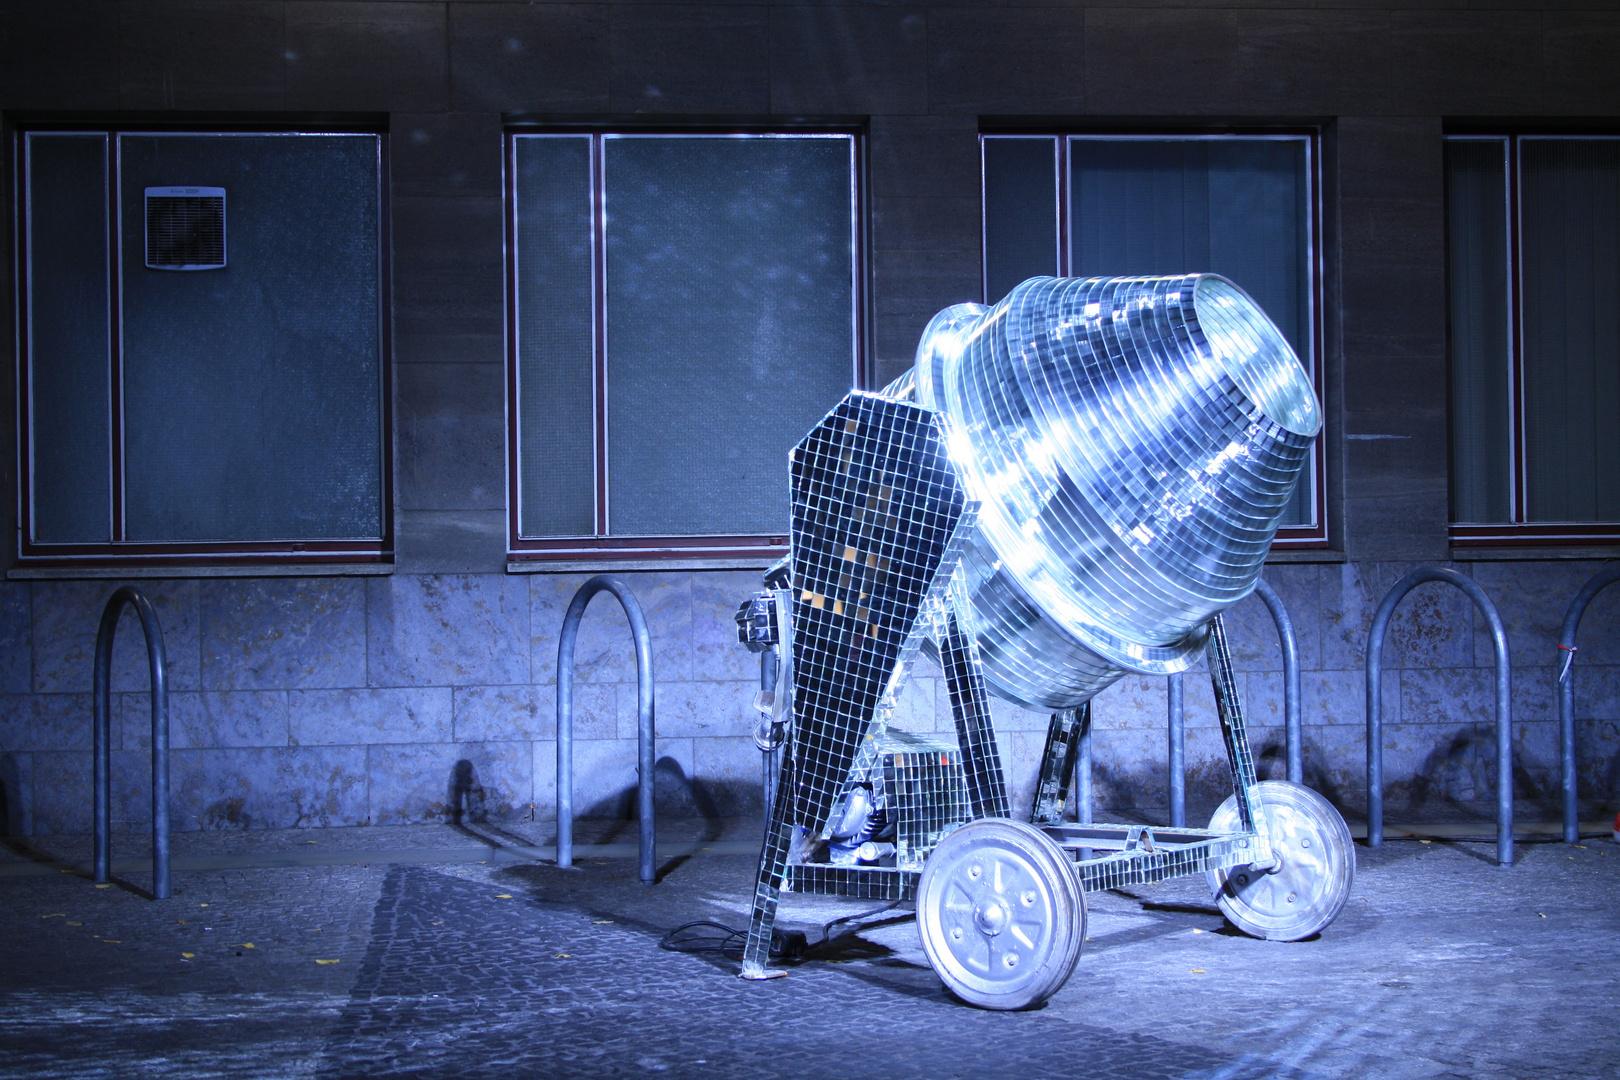 Betonmischer - Festival of Lights 2012